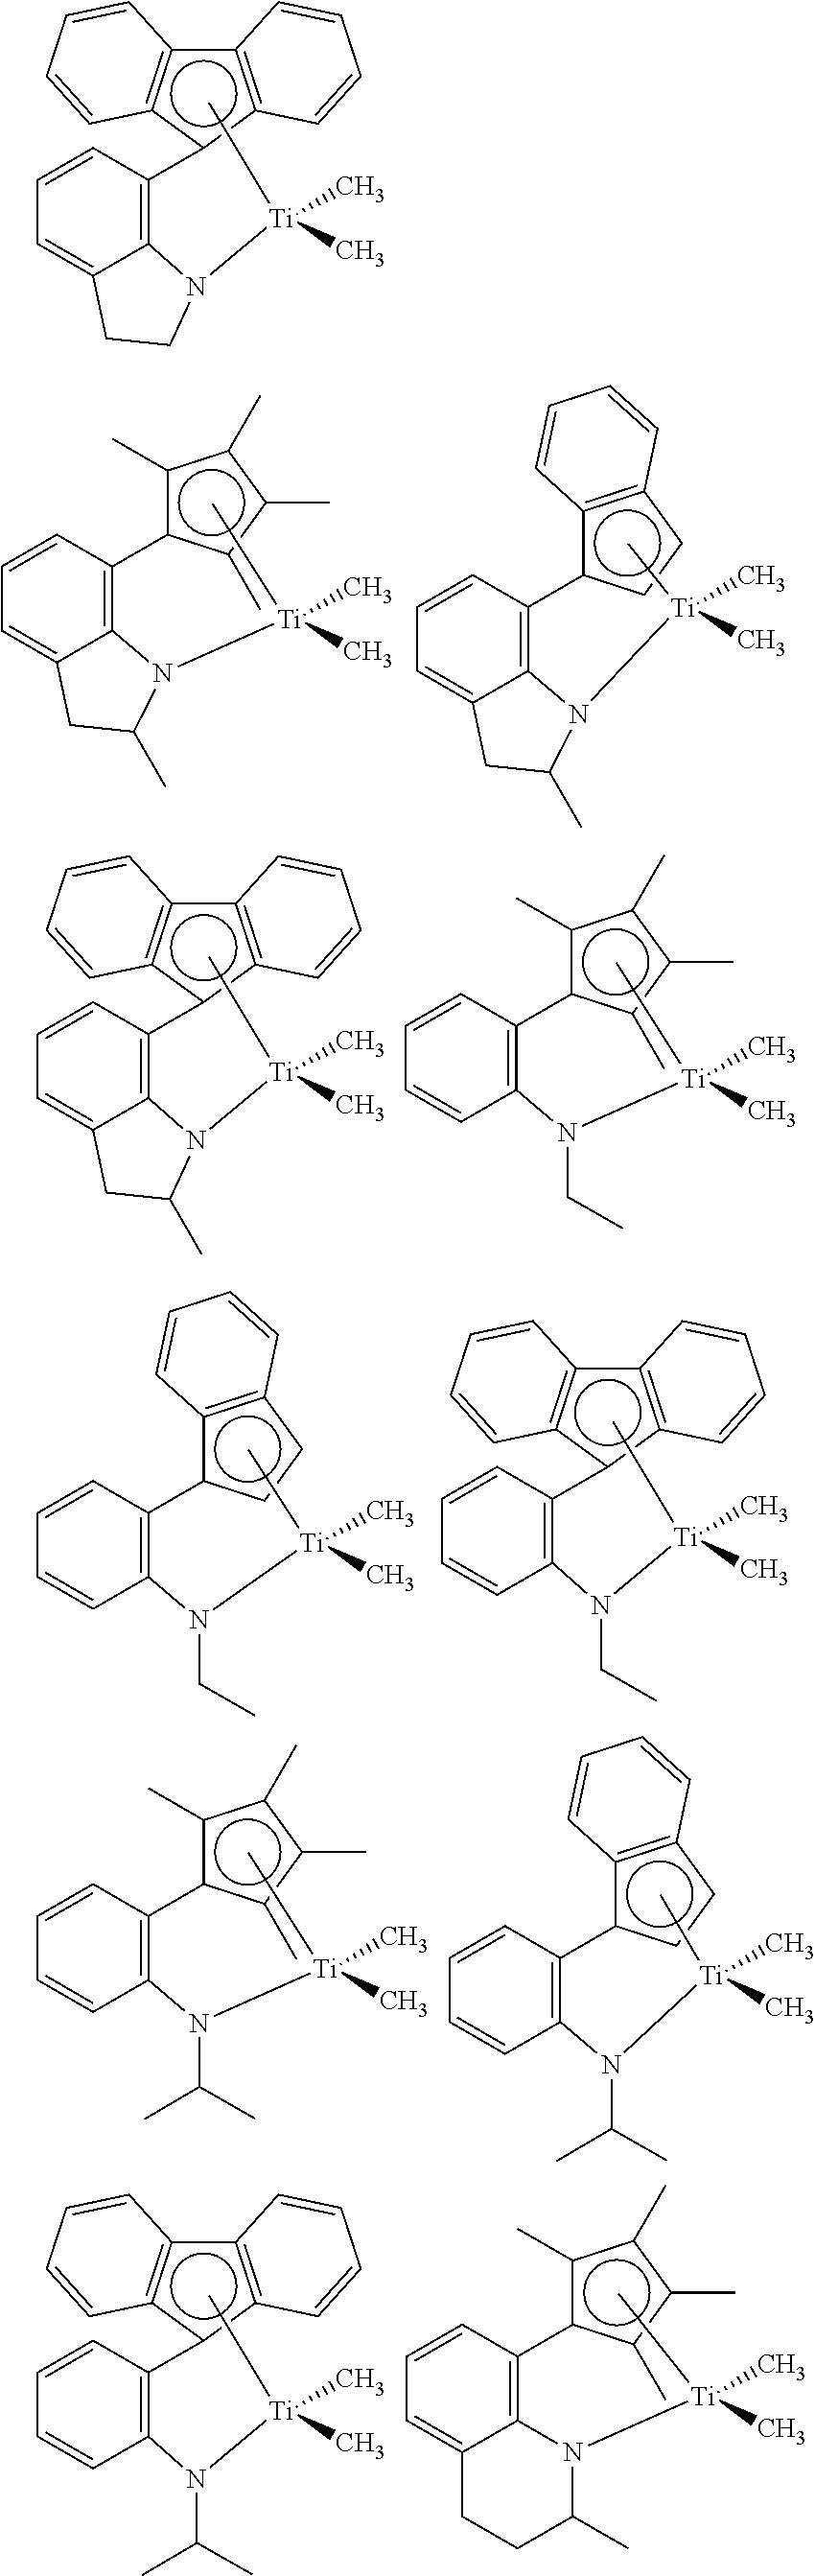 Figure US20110172451A1-20110714-C00039